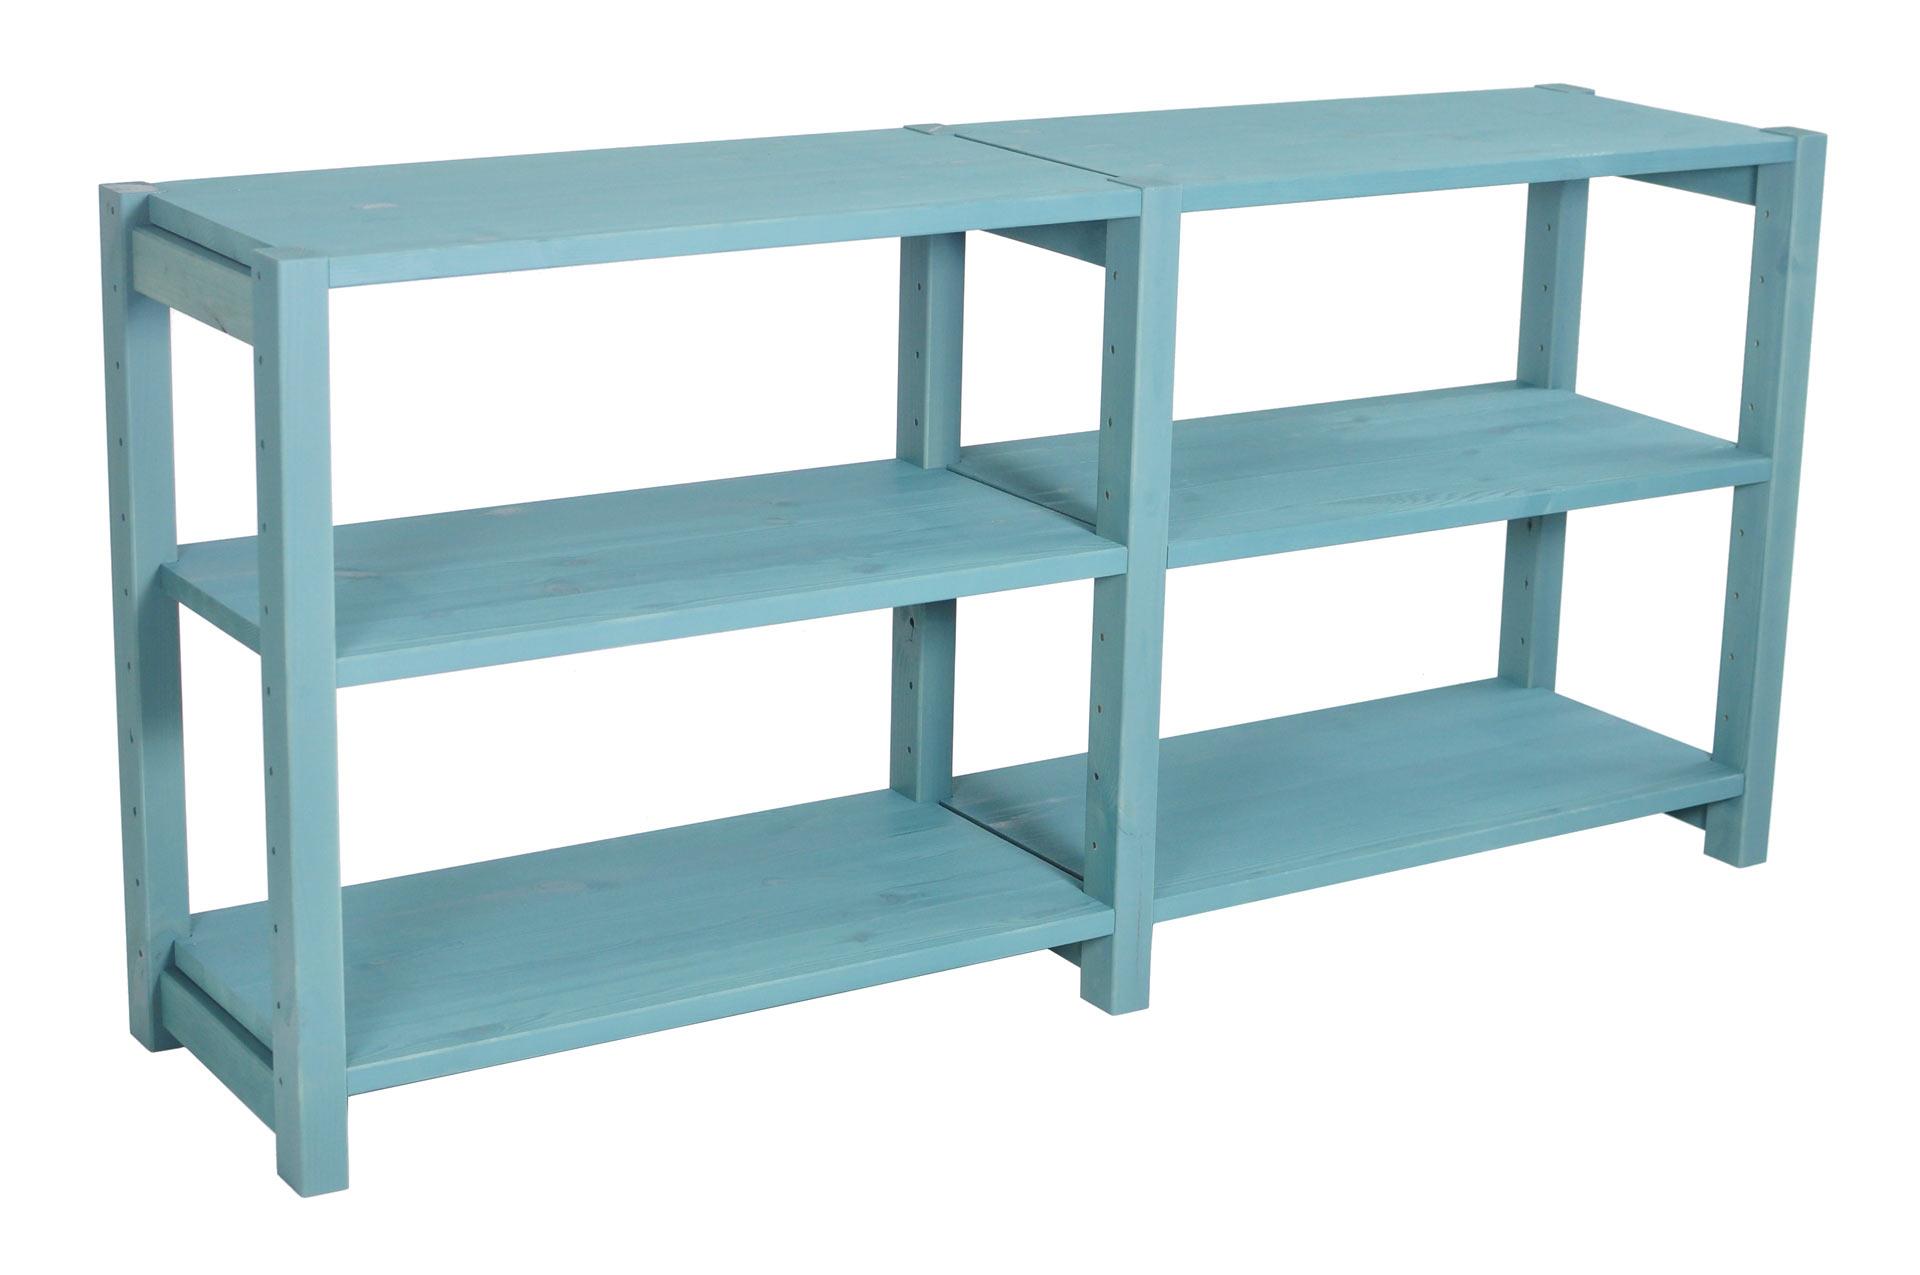 TV Bänk, 120 x 30 x 58 cm, 2 sektioner, välj färg - SCALA CLASSIC